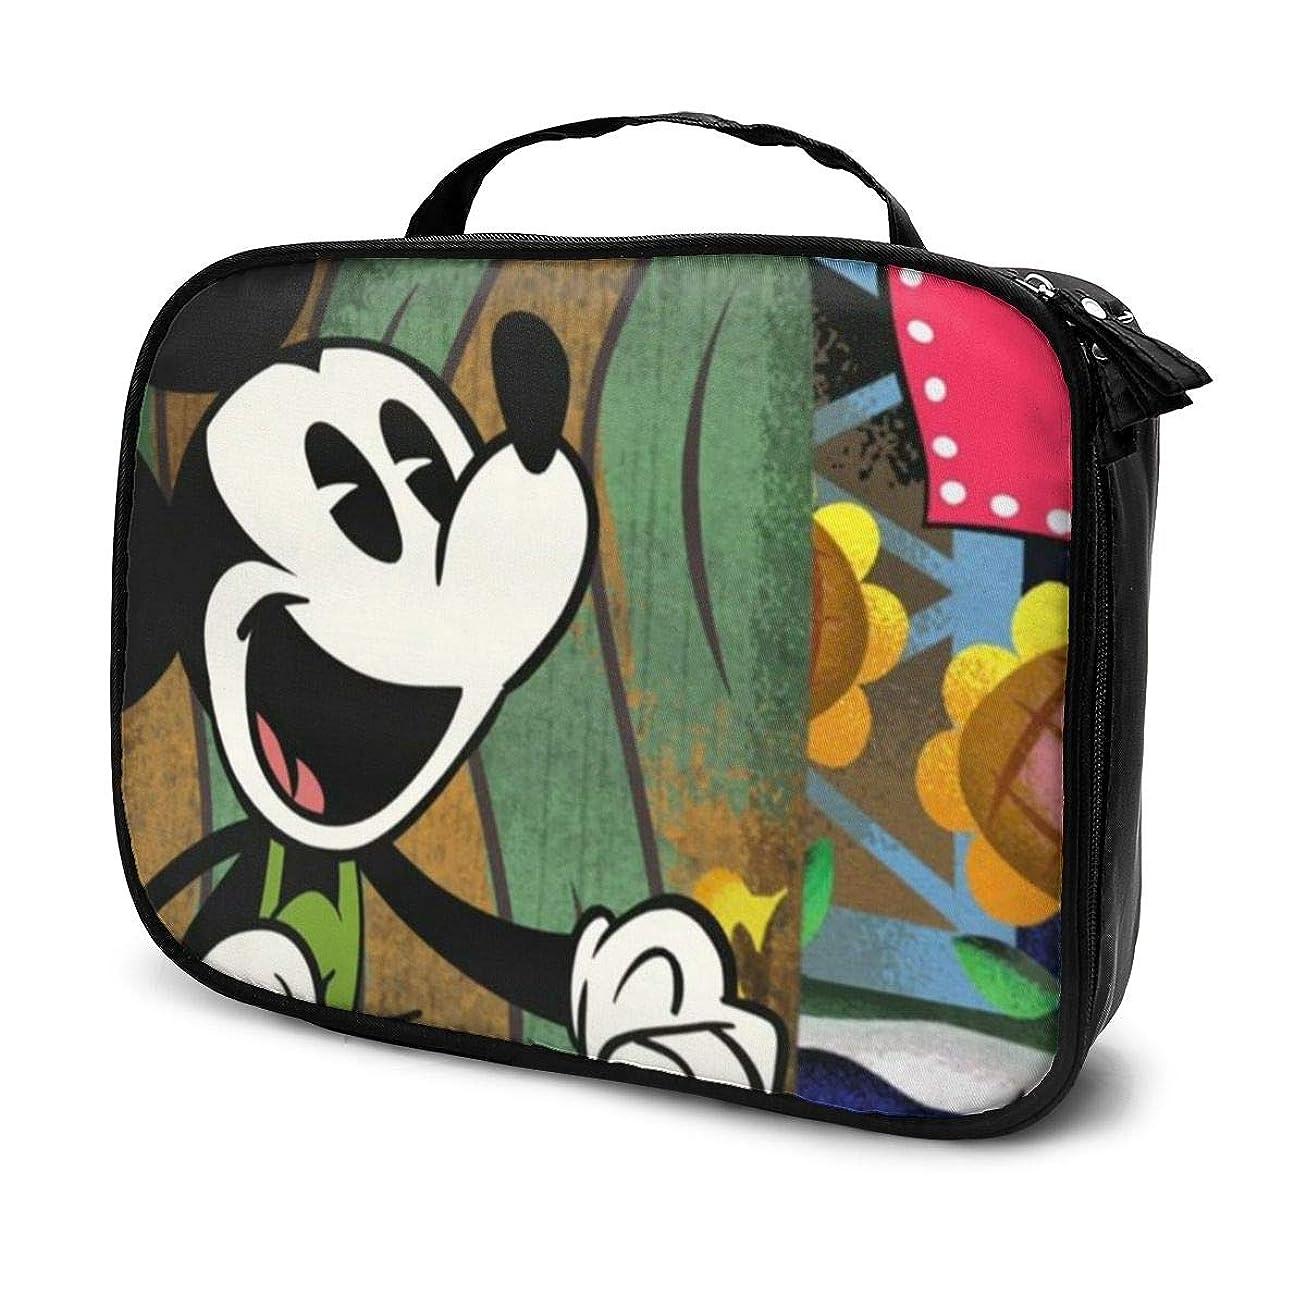 アーカイブ喉が渇いた注ぎますDaituミッキーマウスハート 化粧品袋の女性旅行バッグ収納大容量防水アクセサリー旅行